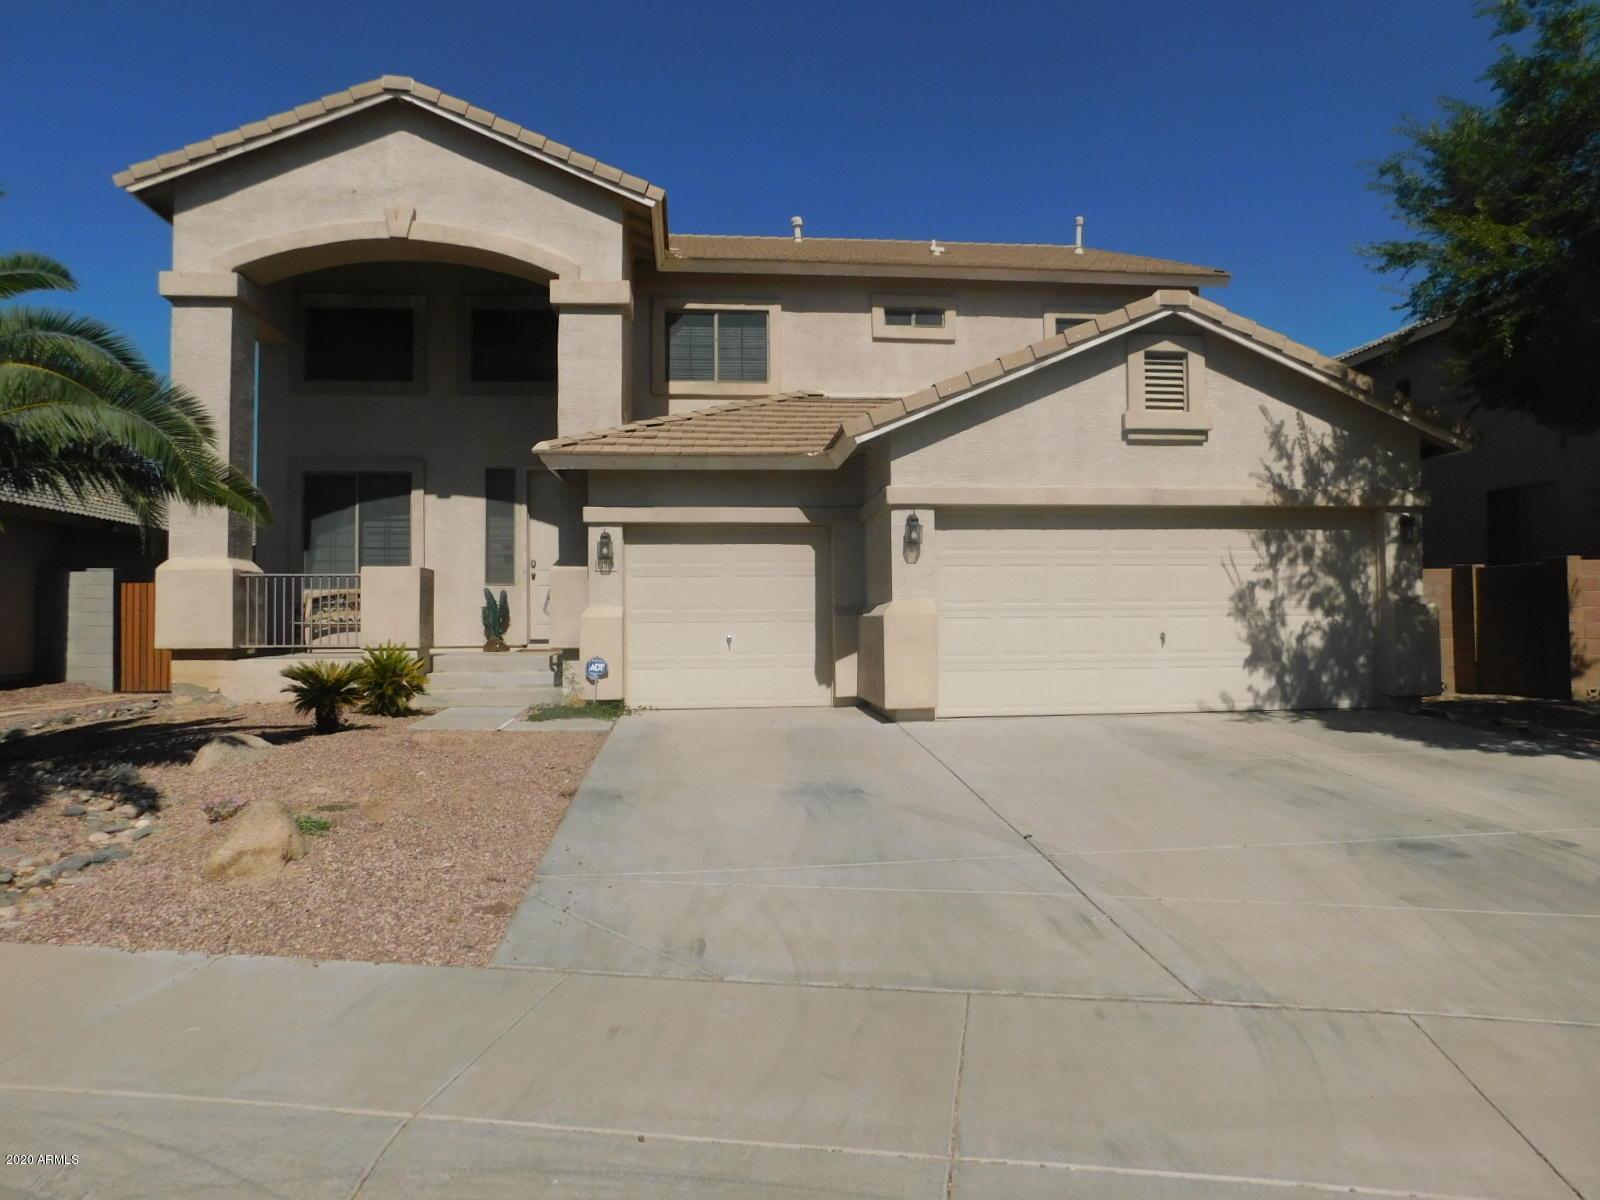 MLS 6091273 Avondale Metro Area, Avondale, AZ 85323 Avondale Homes for Rent